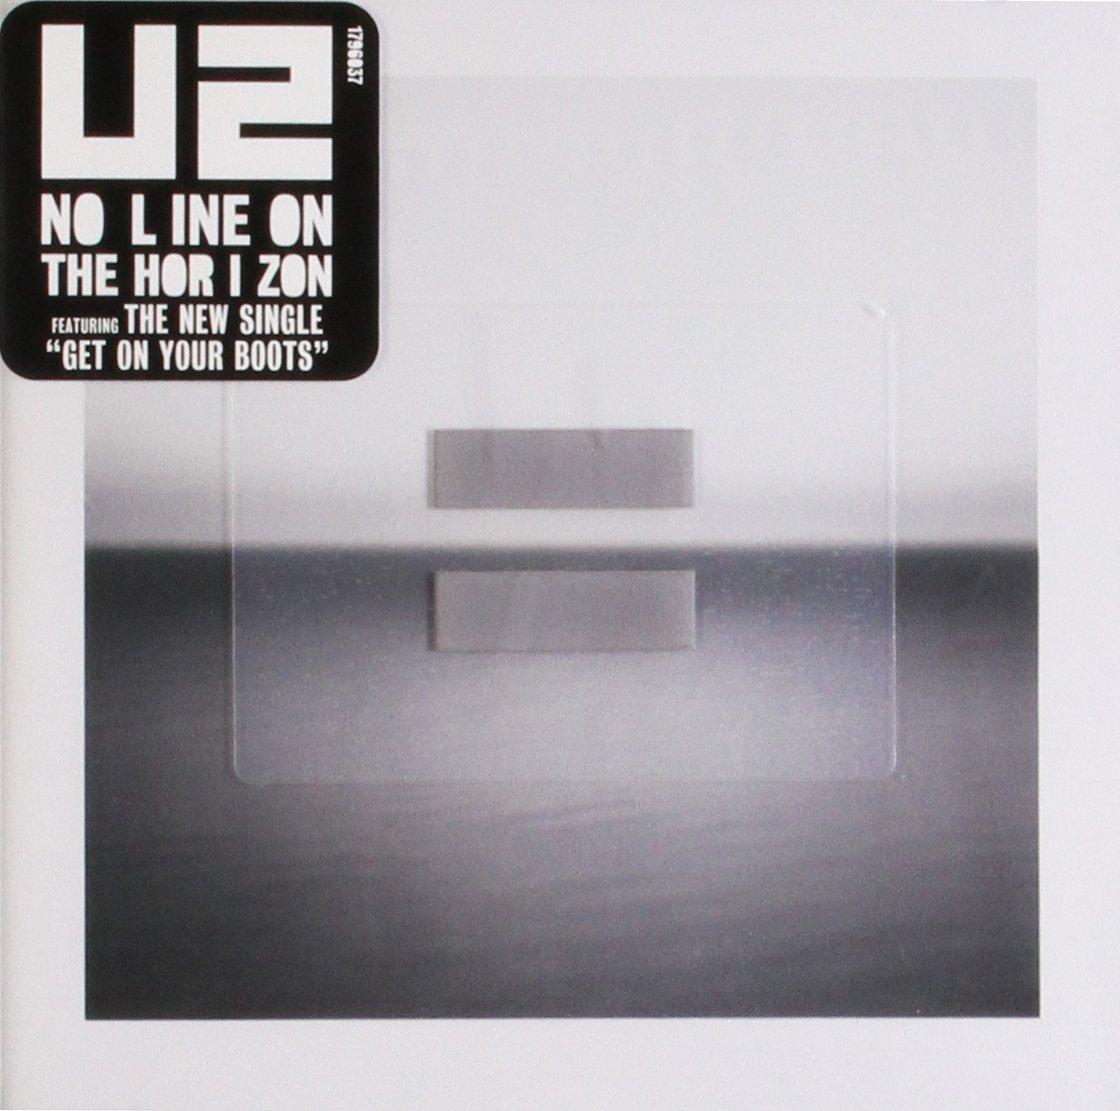 Album U2 No Line on the Horizon (inclus livret 24 pages)